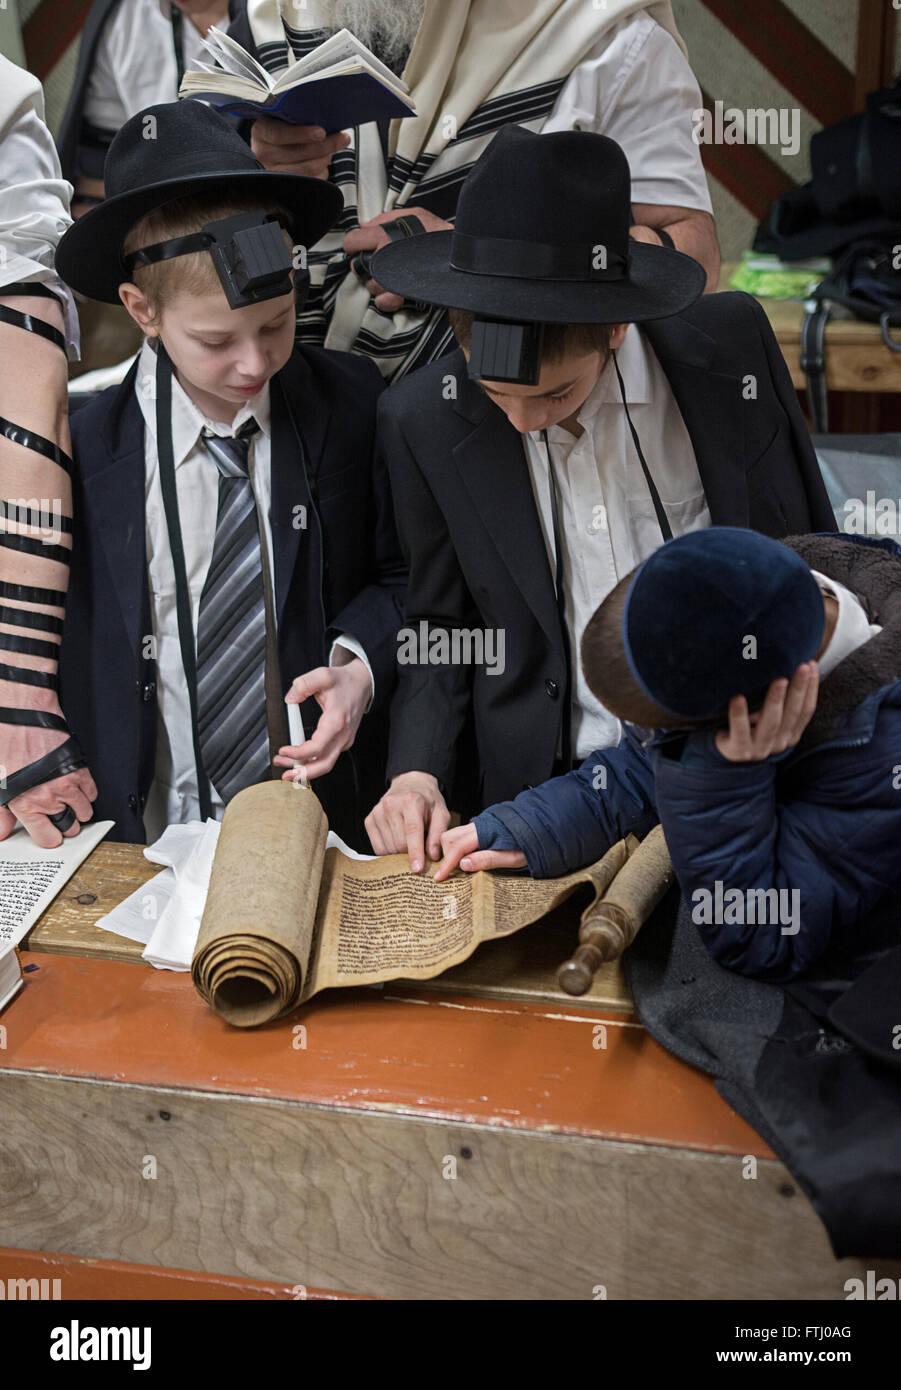 Religiosa ebraica degli adolescenti di ascoltare la lettura della Megillah sulla festa di Purim in una sinagoga Immagini Stock